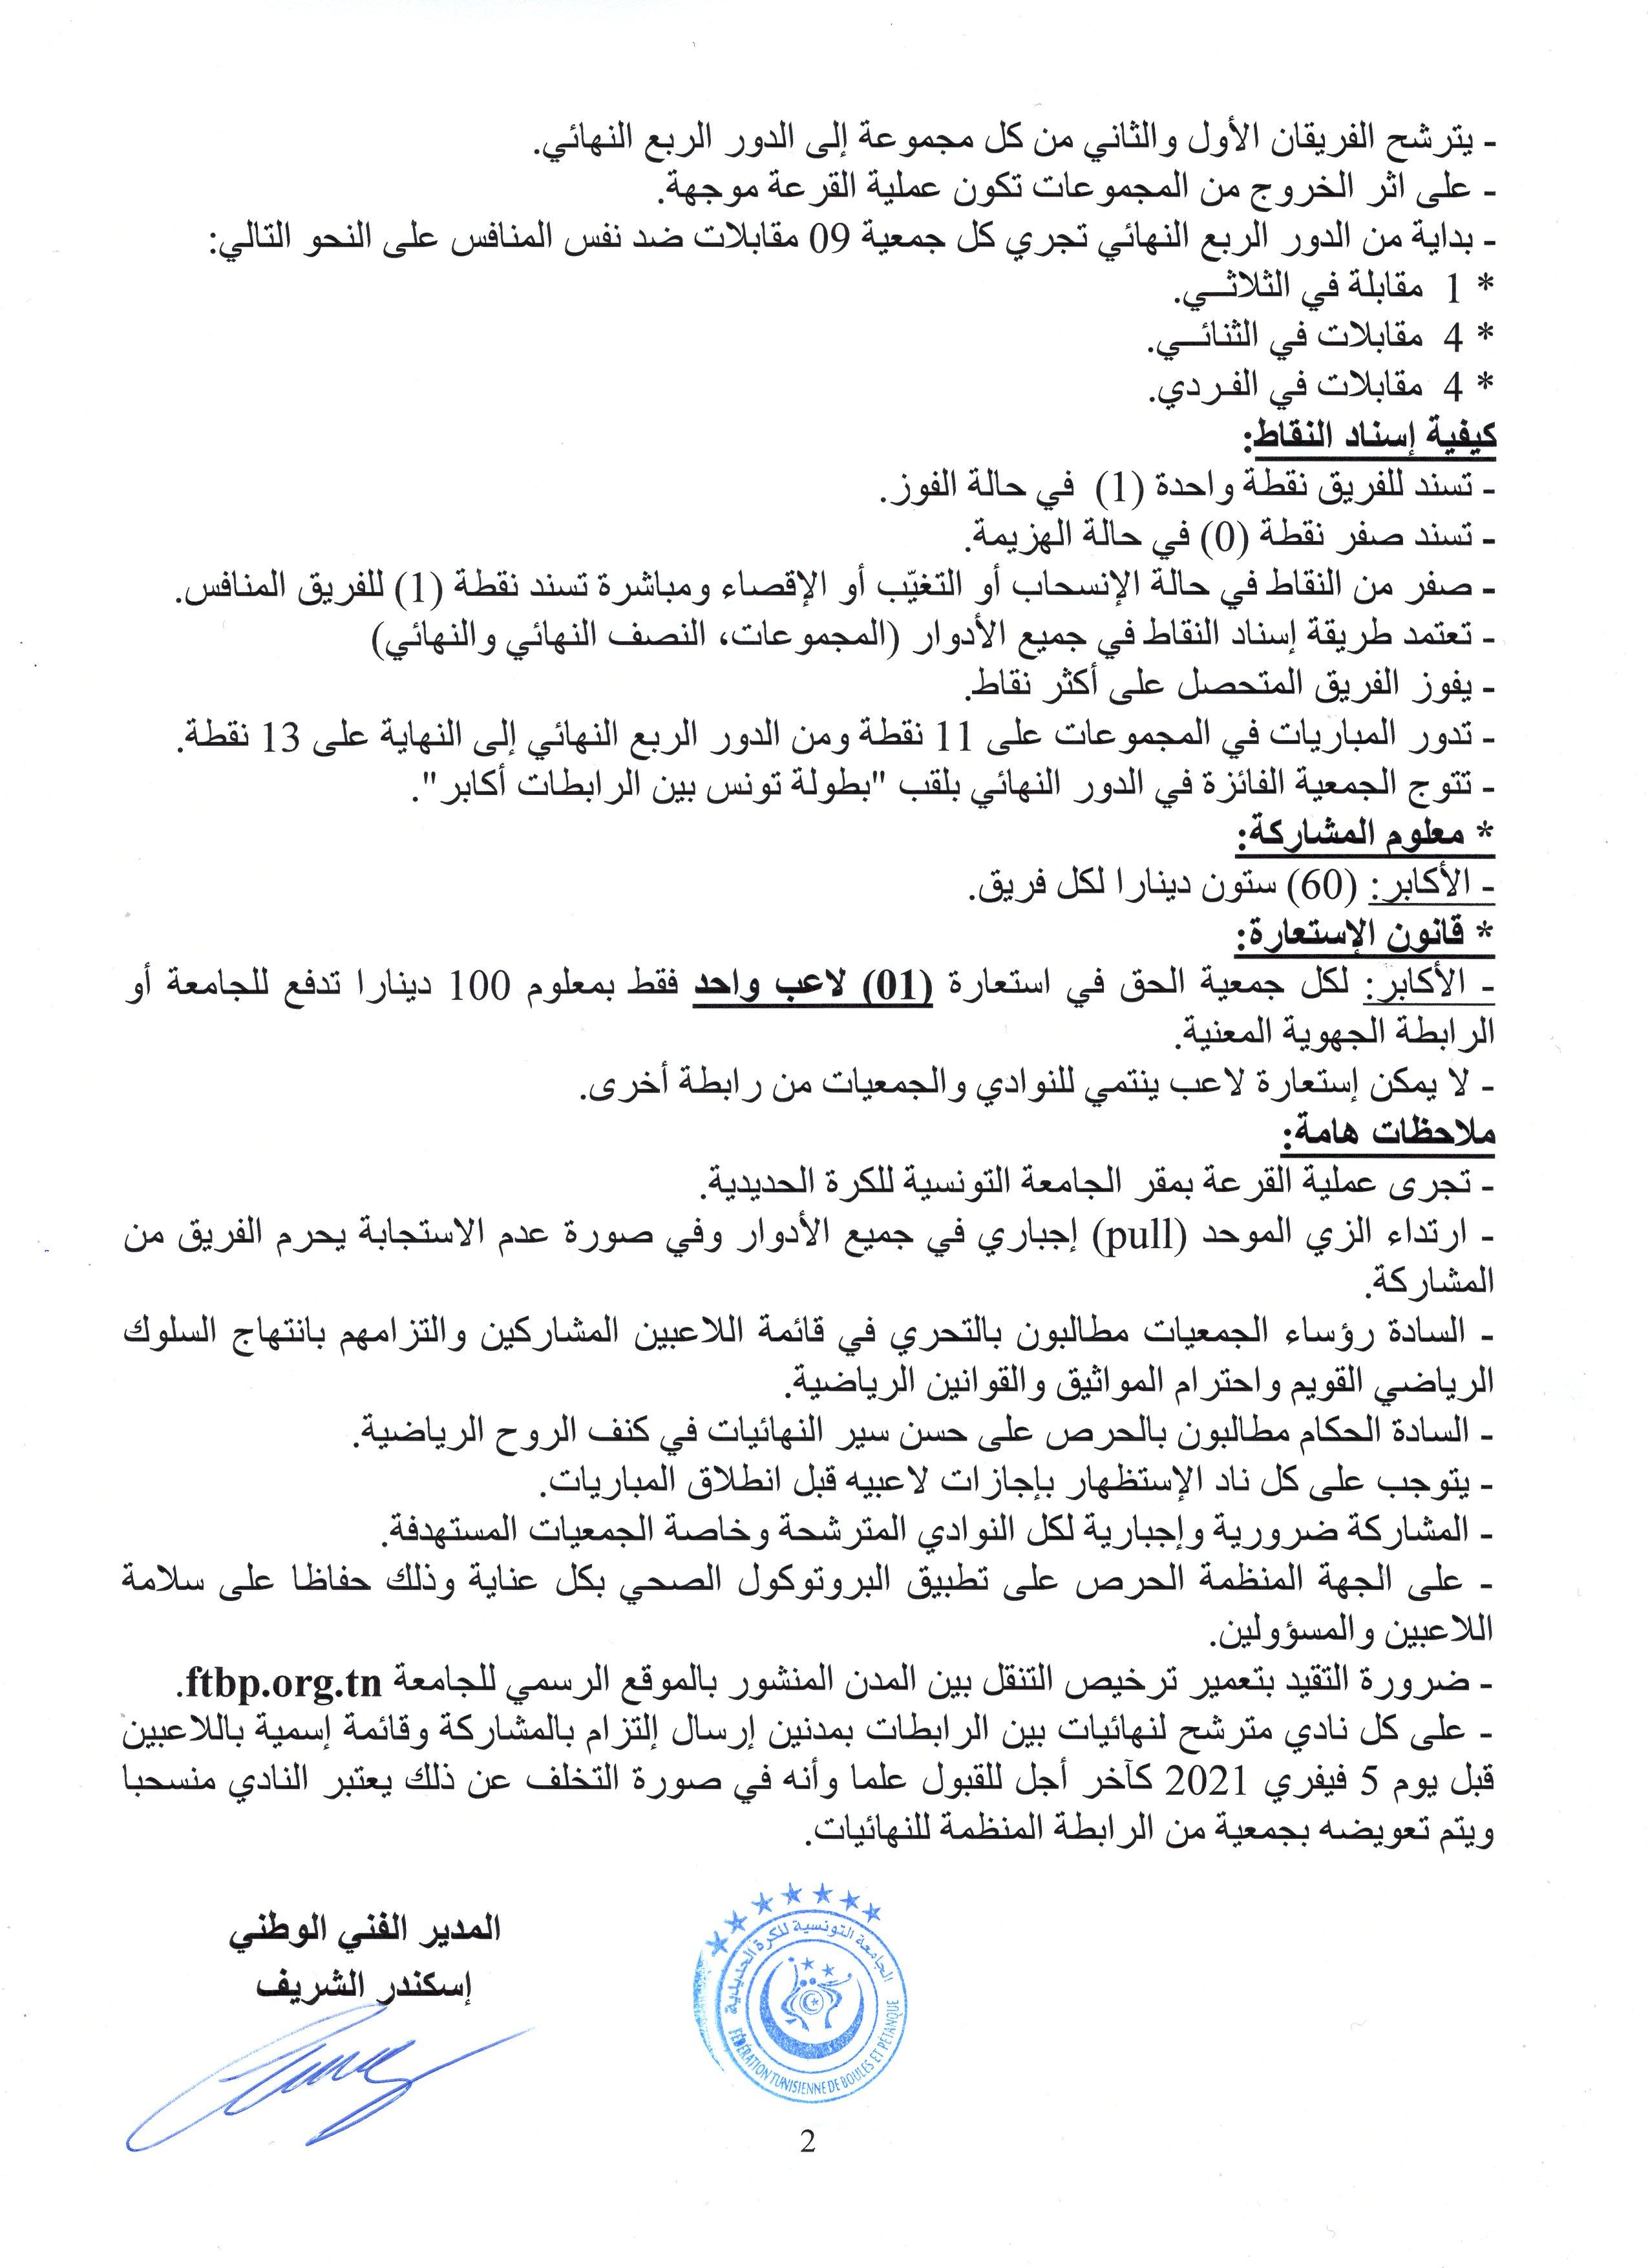 القوانين الفنية لنهائيات بين الرابطات 2020 (2)